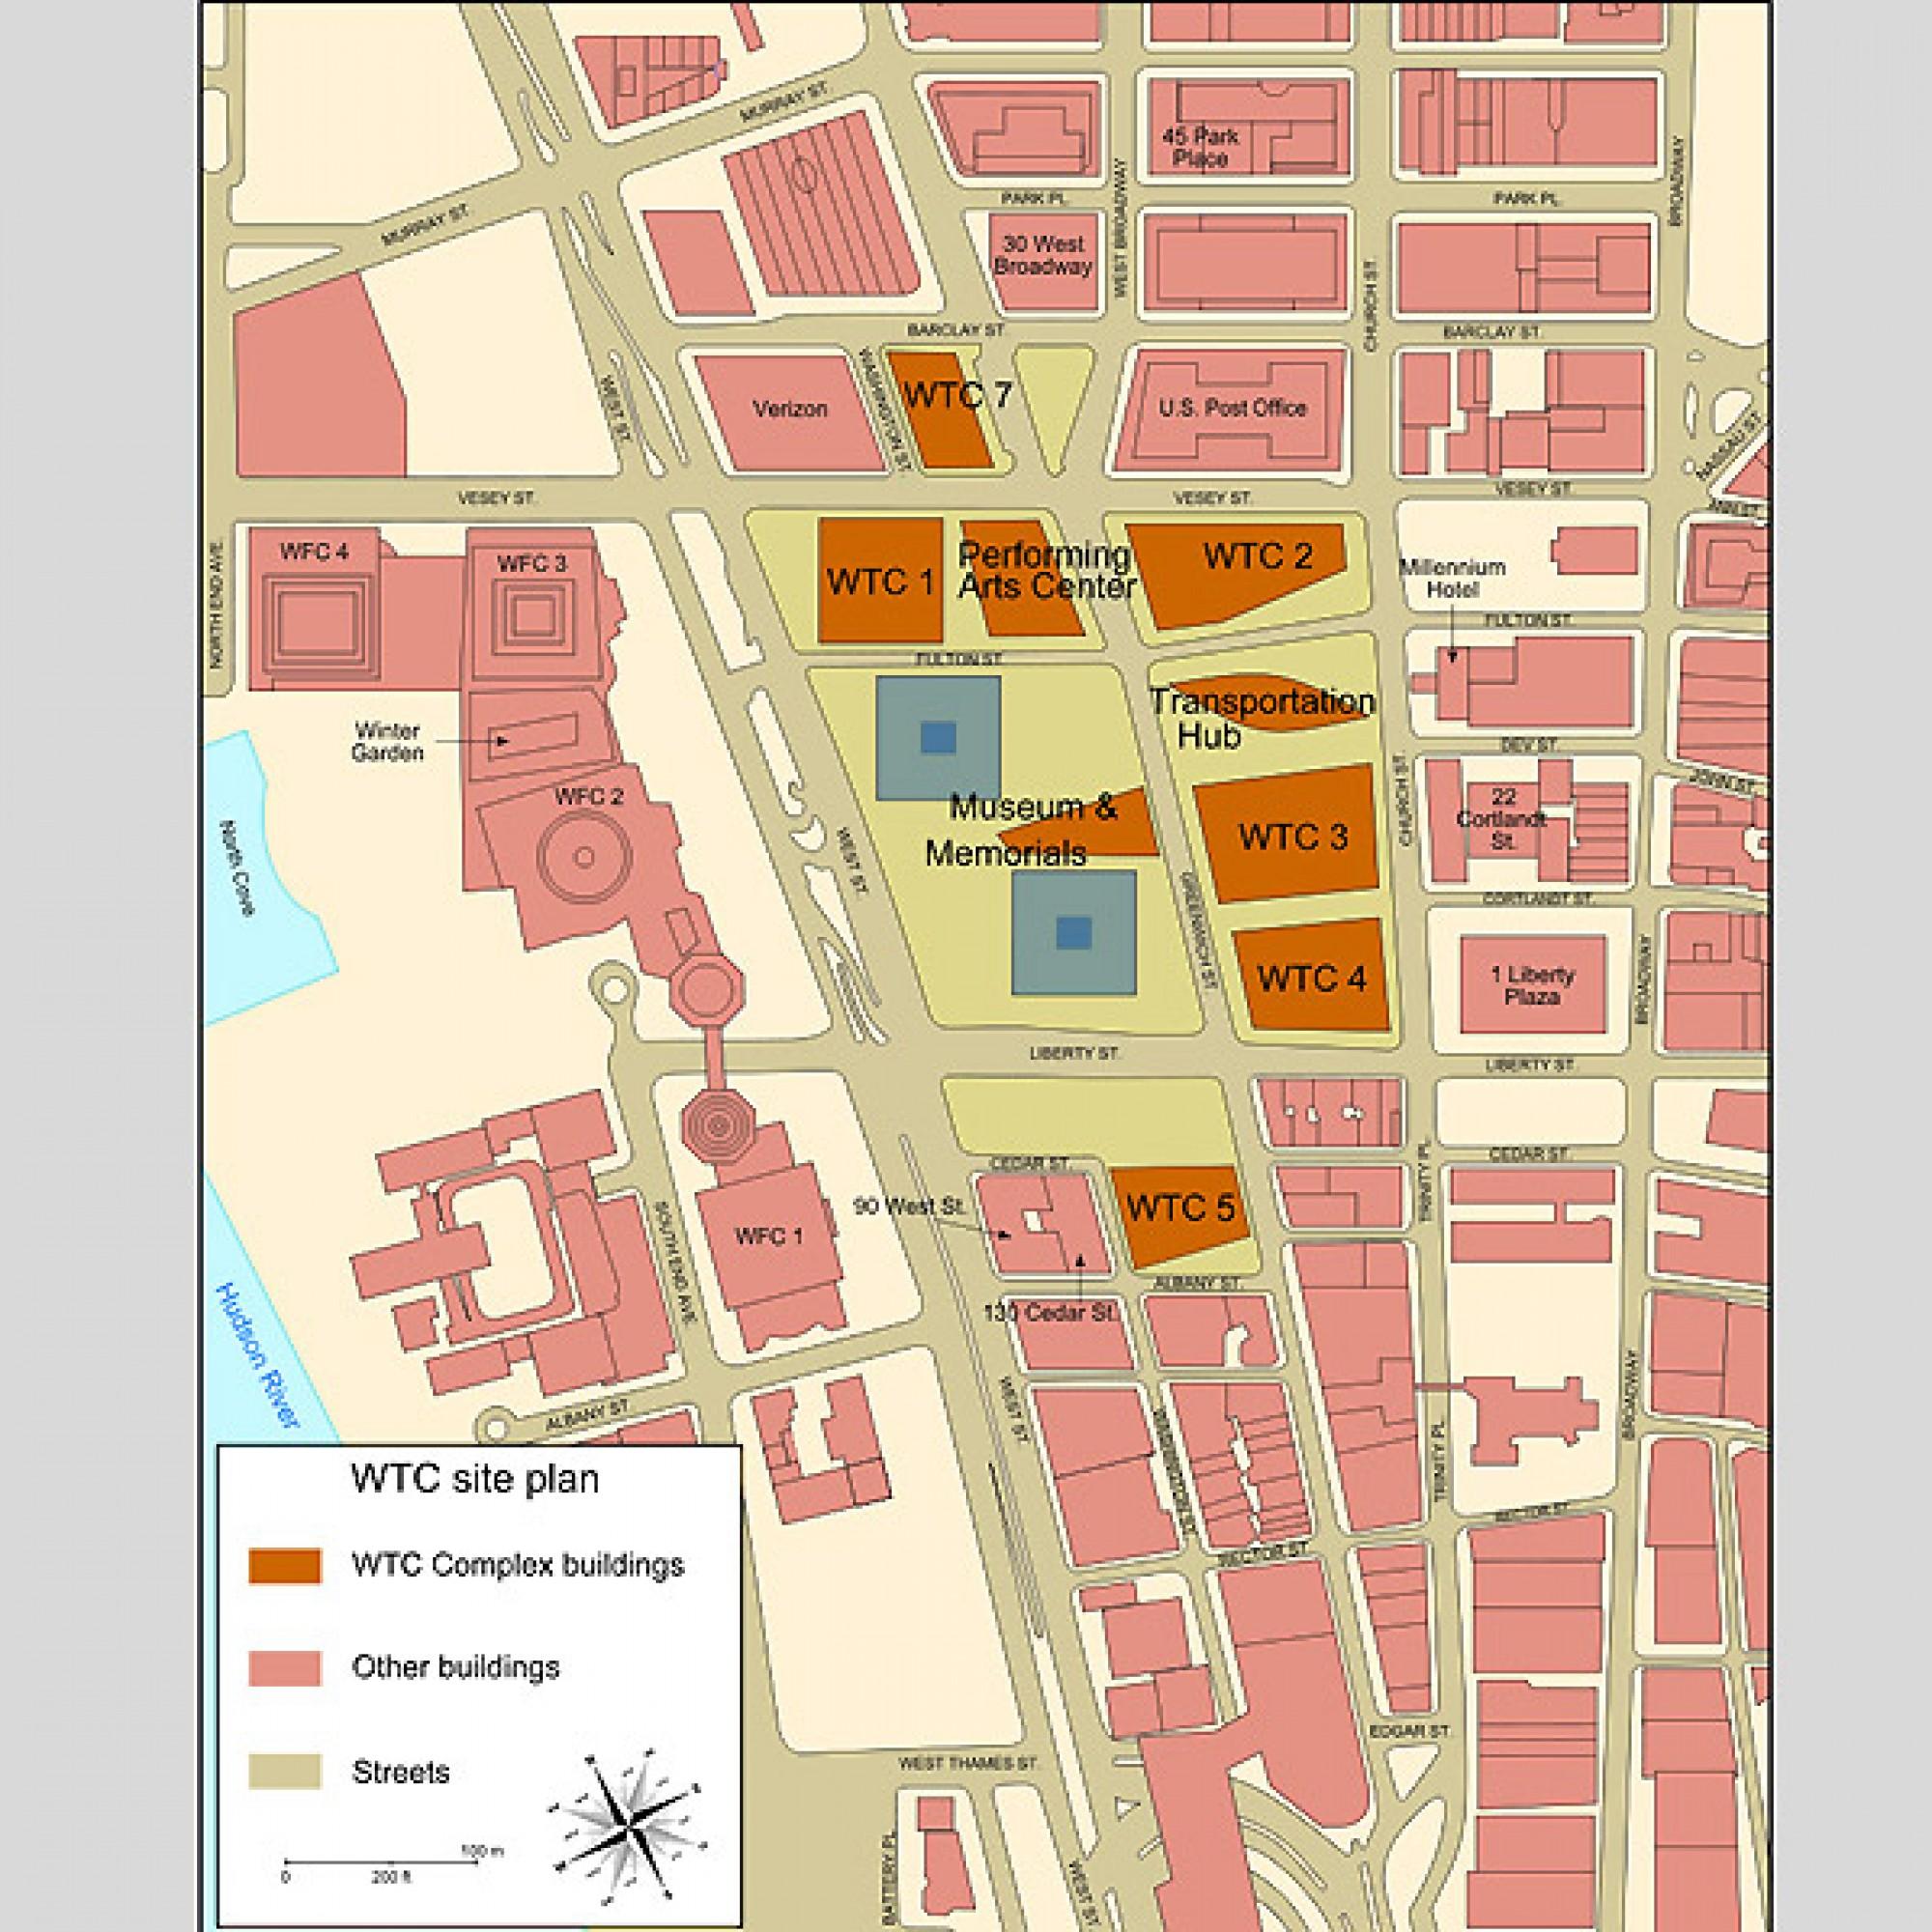 Der Plan der Komplexes, zu dem auch 1WTC gehört. (Messer Woland,Wikimedia, CC)